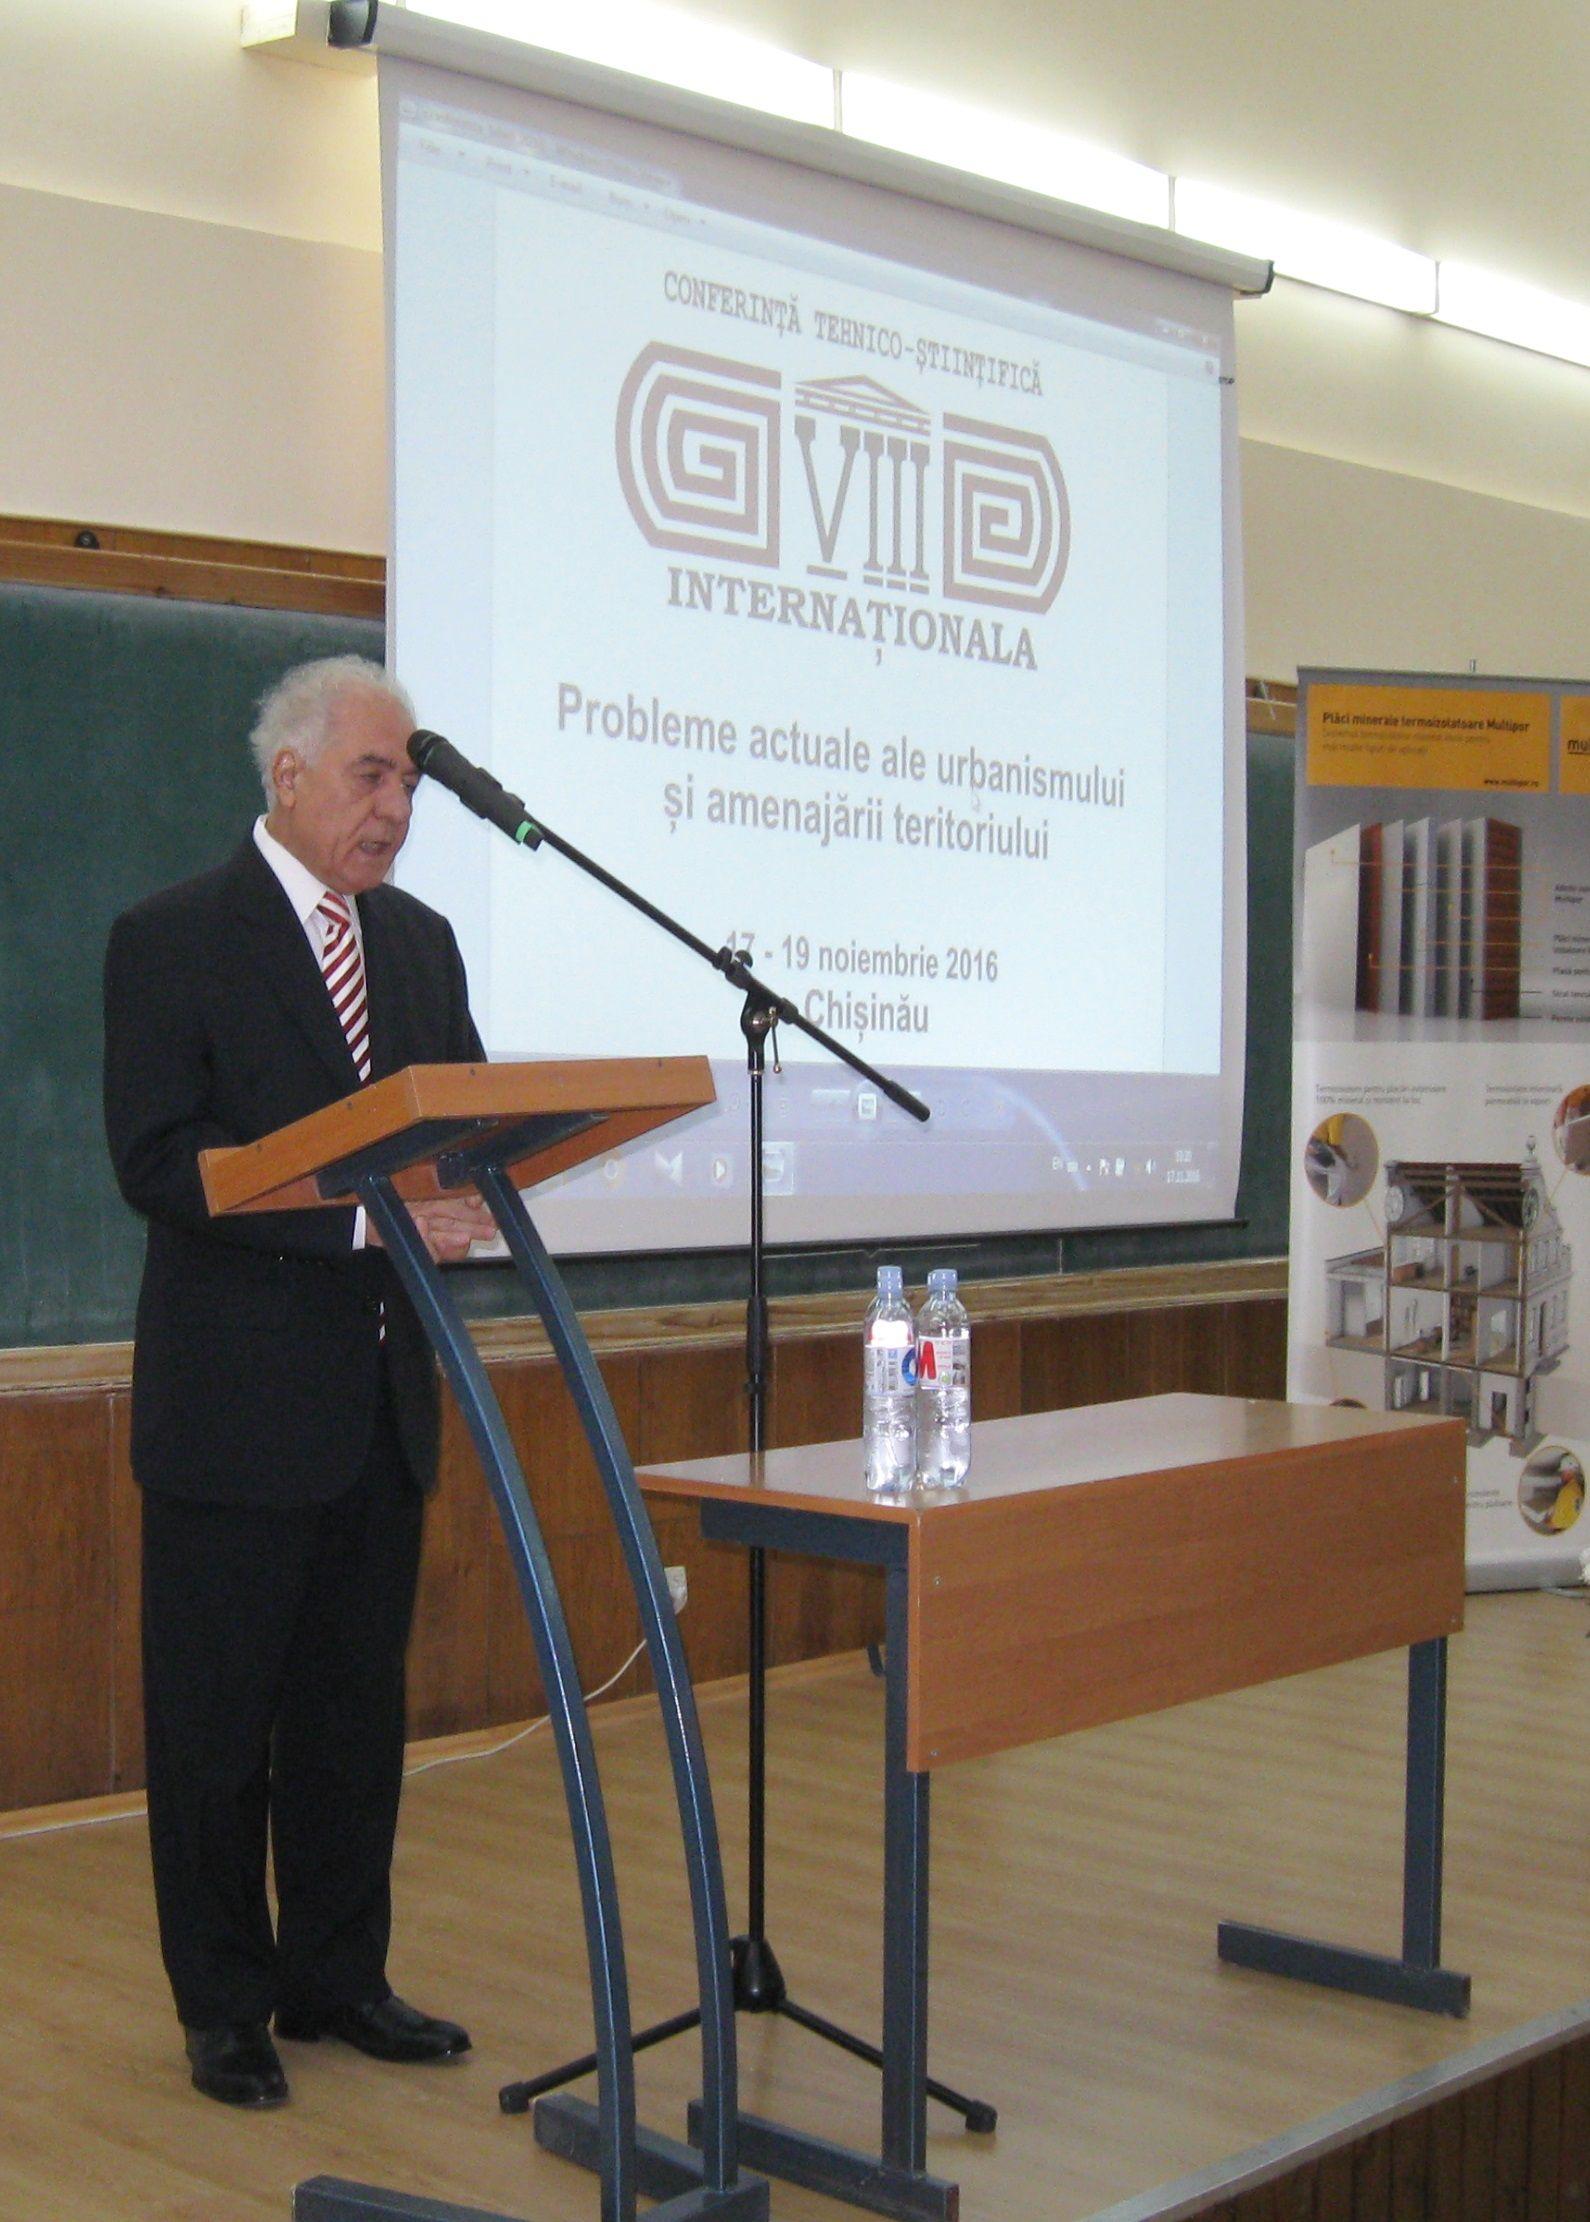 conferinta-internationala-probleme-actuale-ale-urbanismului-si-amenajarii-teritoriului_3